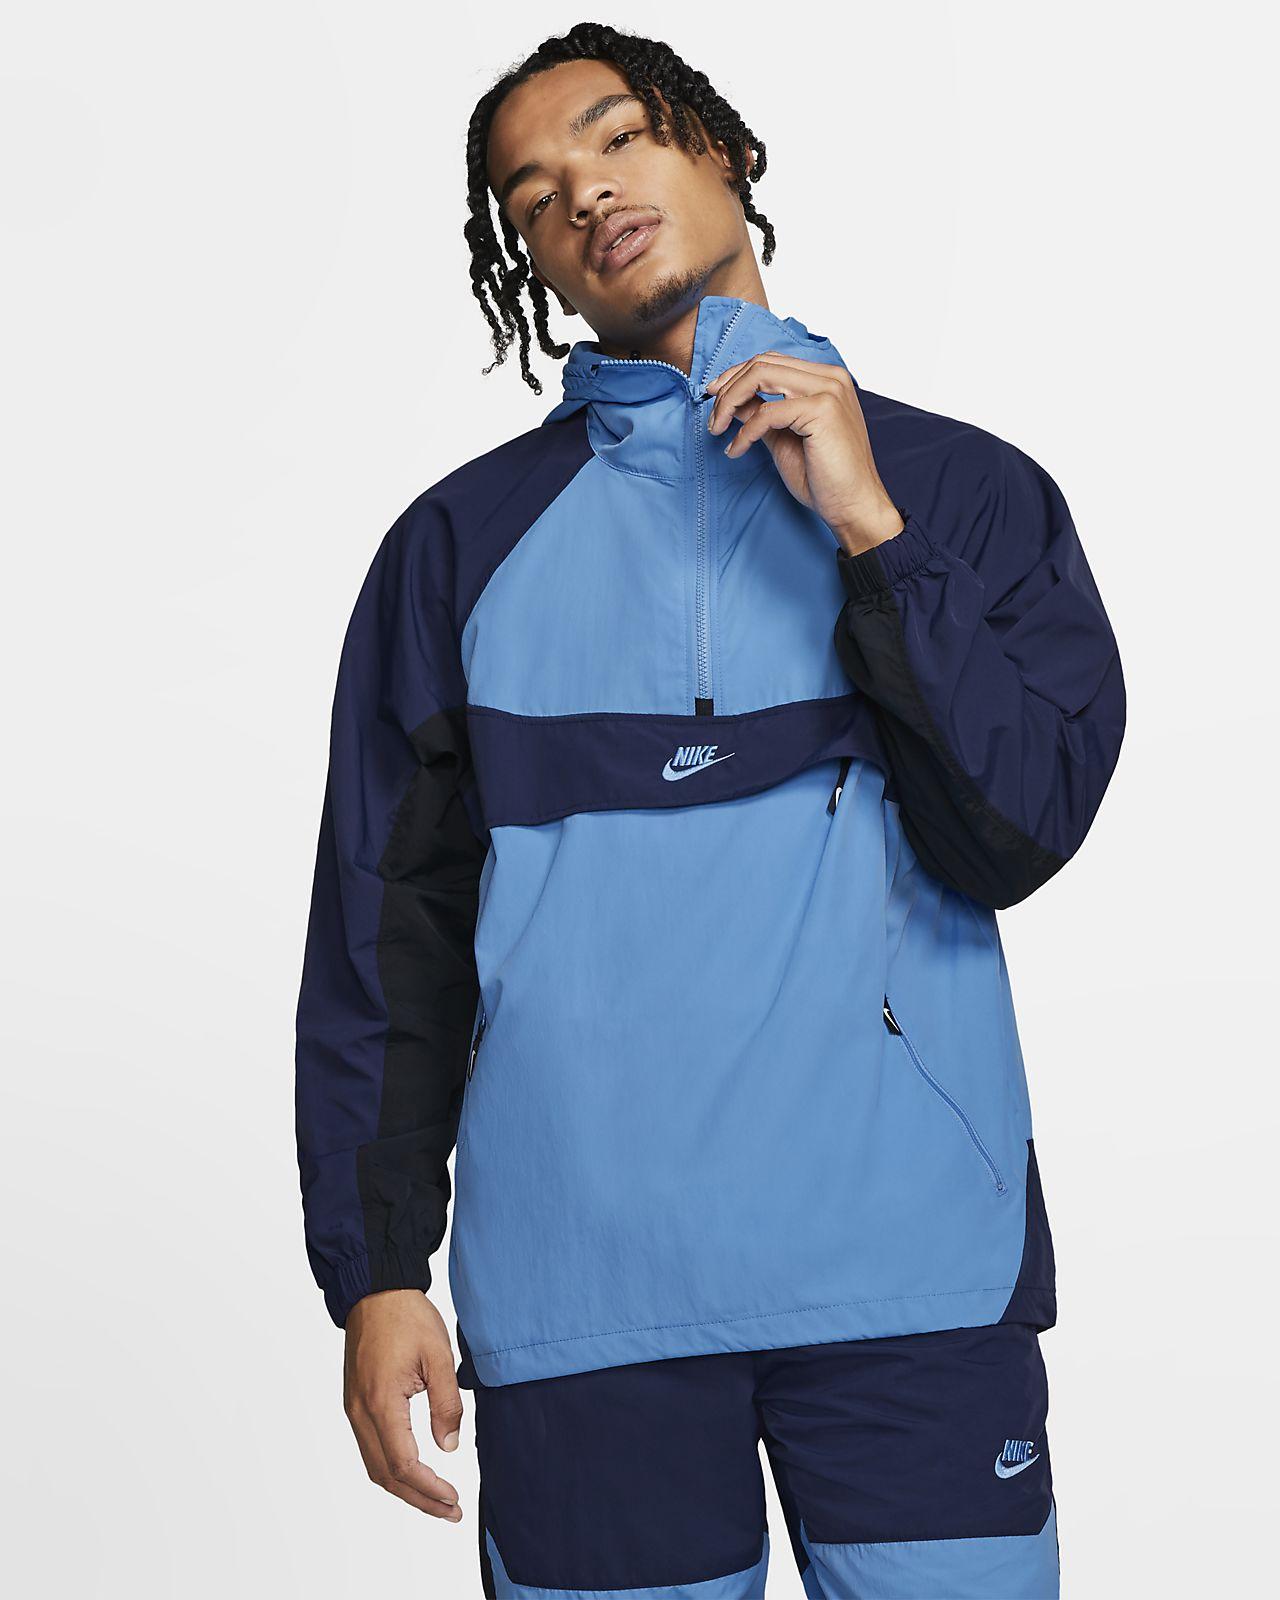 Nike Sportswear 連帽梭織外套